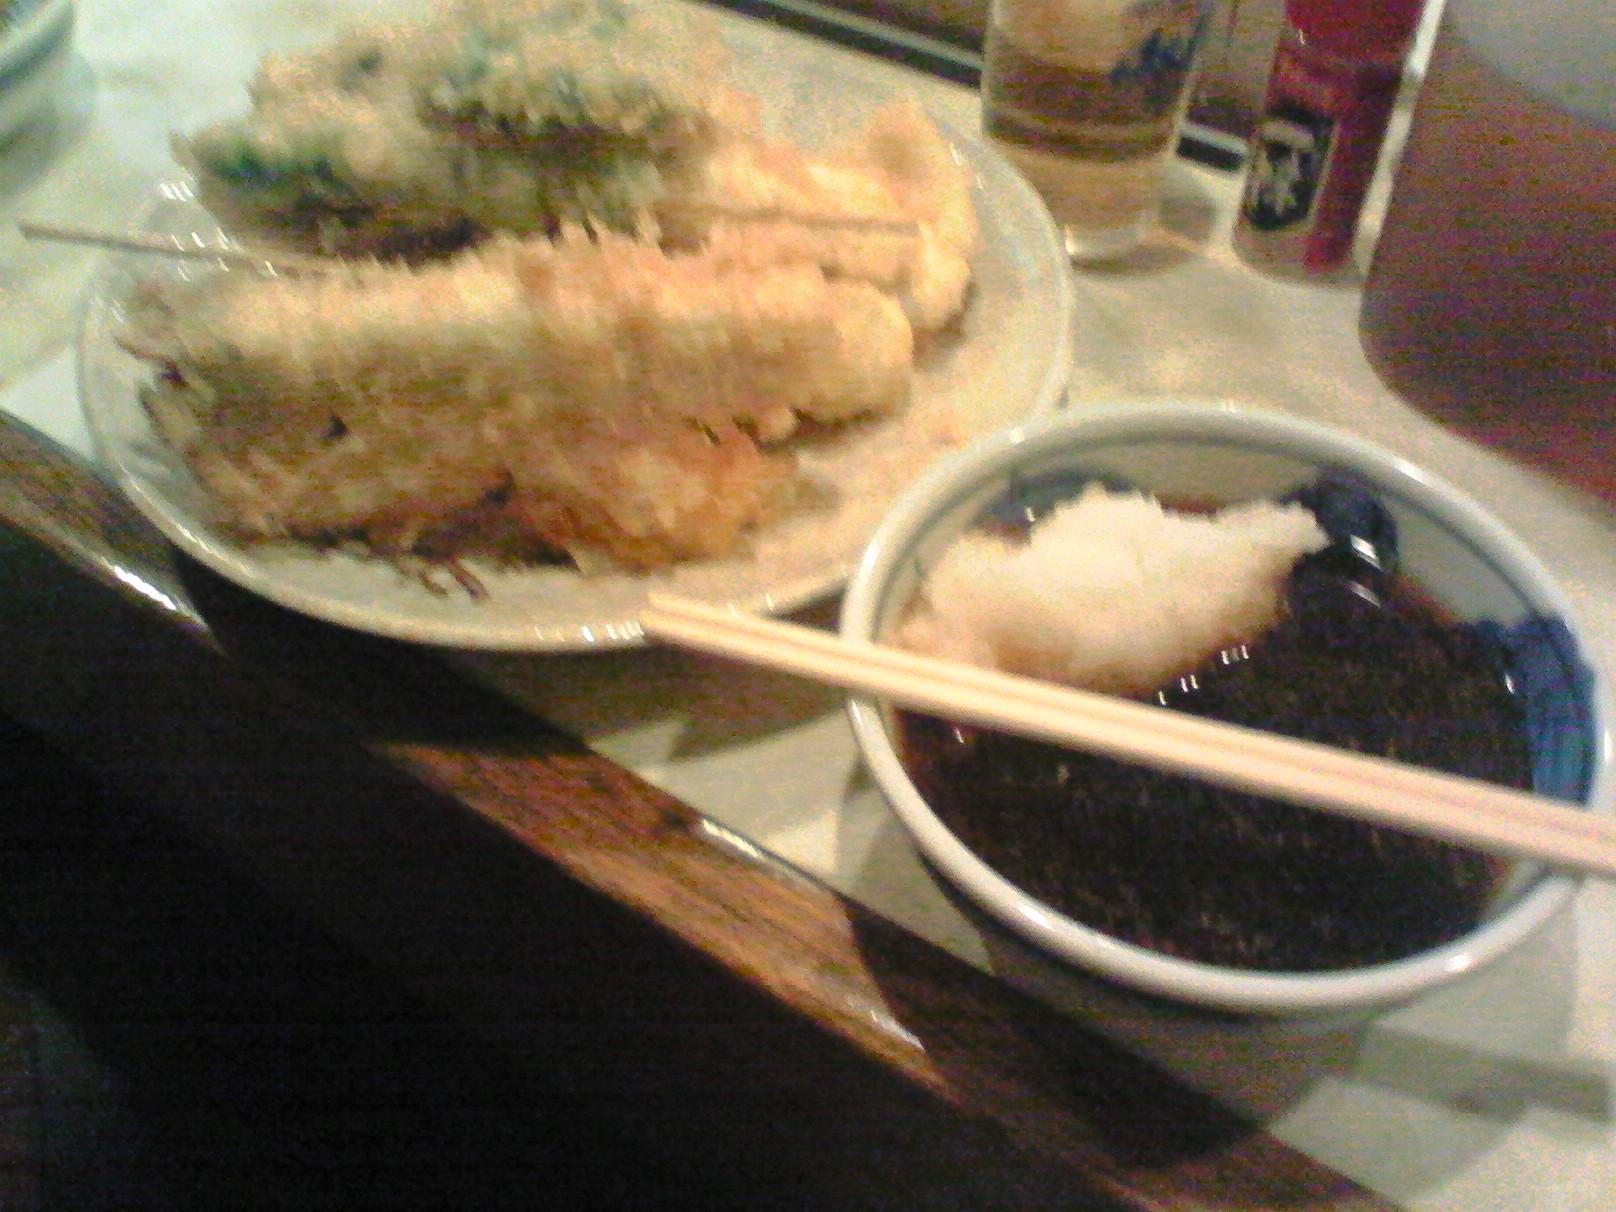 堺魚市場 天ぷら大吉 お目当ての天ぷら